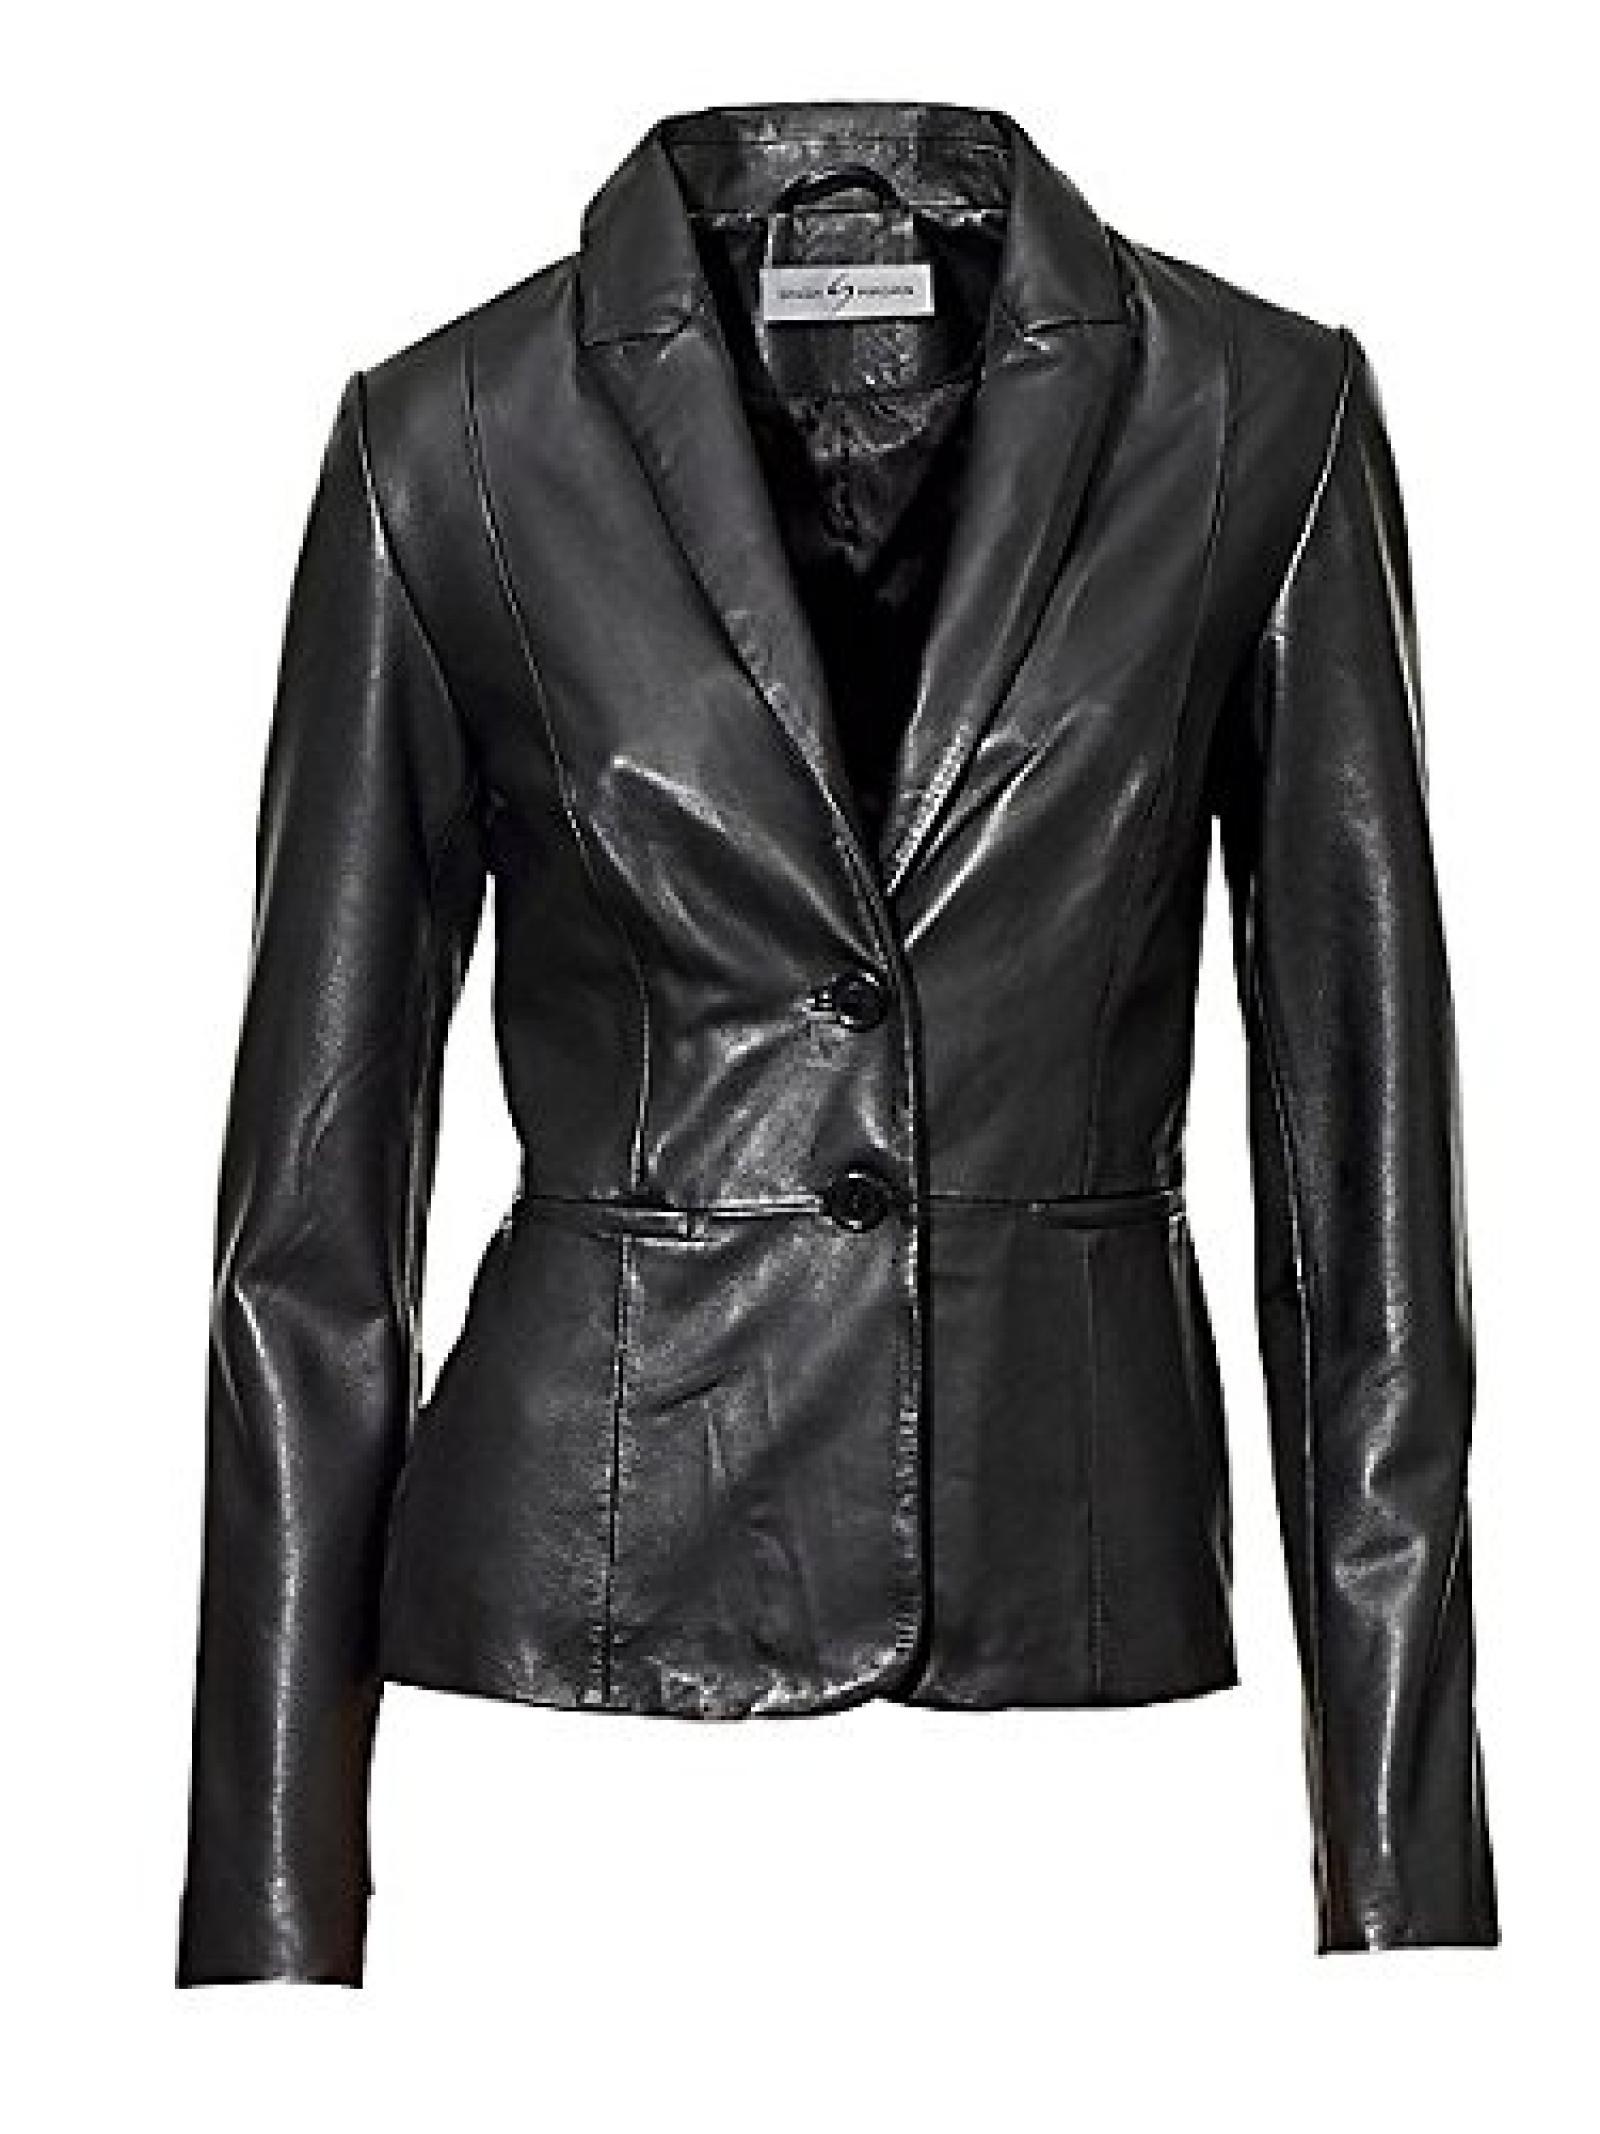 Damen SINGH S. MADAN Lederjacke in schwarz - Größe: 34